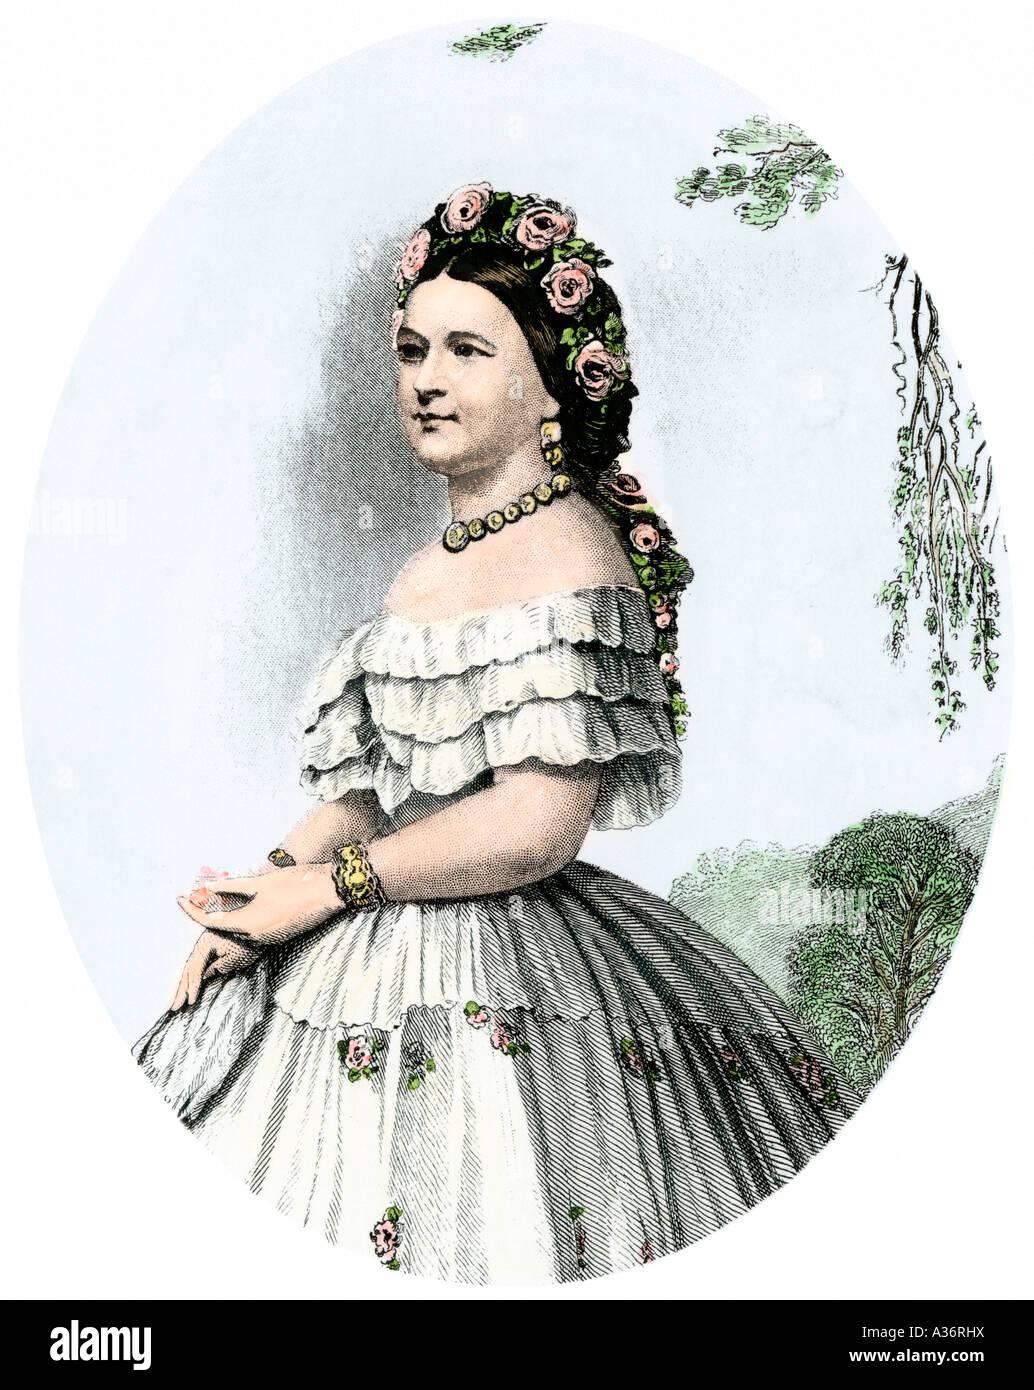 Mary Todd Lincoln esposa del Presidente de los Estados Unidos Abraham Lincoln. Mano de color acero grabado Imagen De Stock